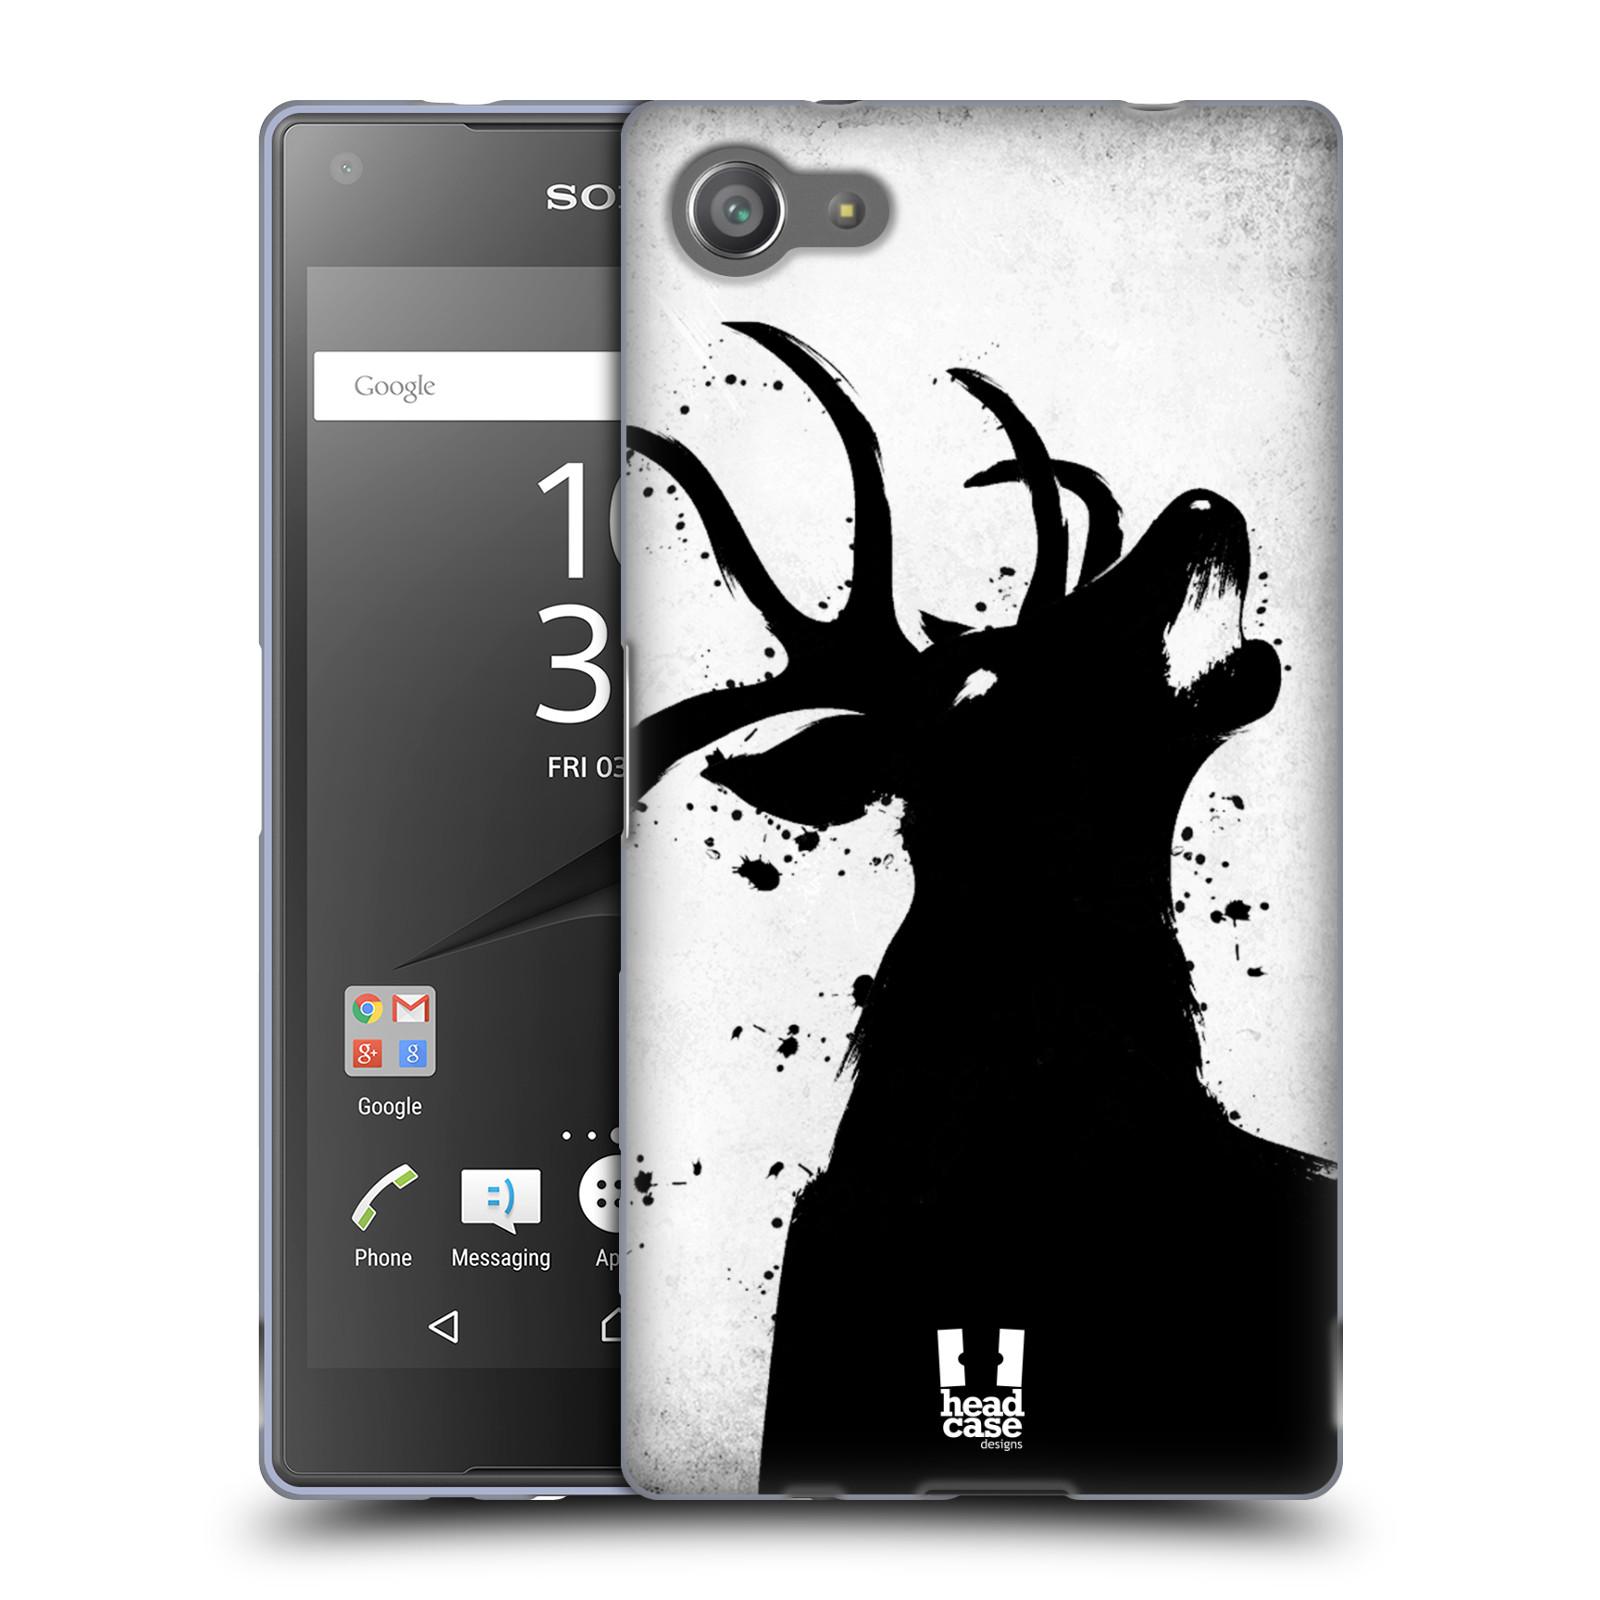 HEAD CASE silikonový obal na mobil Sony Xperia Z5 COMPACT vzor Kresba tuš zvíře jelen